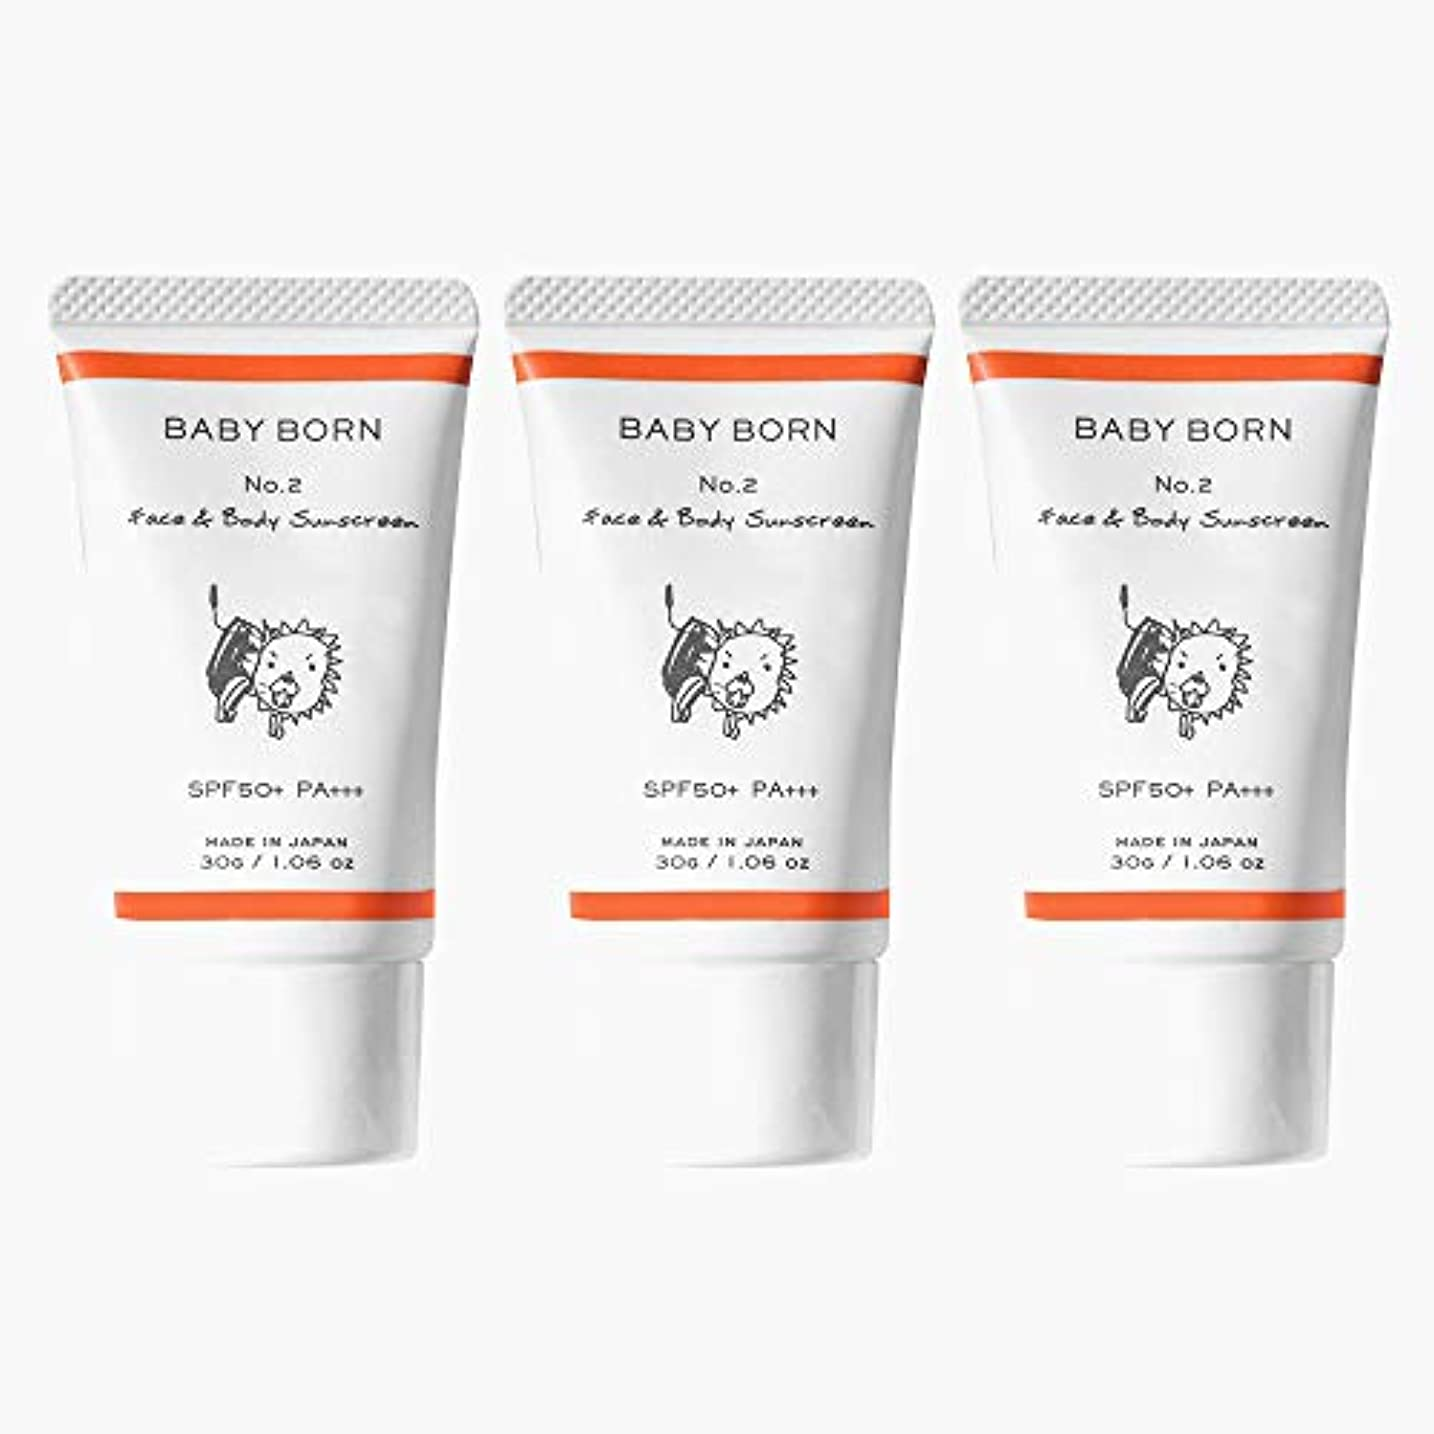 カリキュラム忍耐メンテナンス日焼け止め 赤ちゃんや子どもにも使えるBABY BORN(ベビーボーン) Face&Body Sunscreen 3個セット 日焼け止め UV ケア 東原亜希 高橋ミカ 共同開発 SPF50+/PA++++